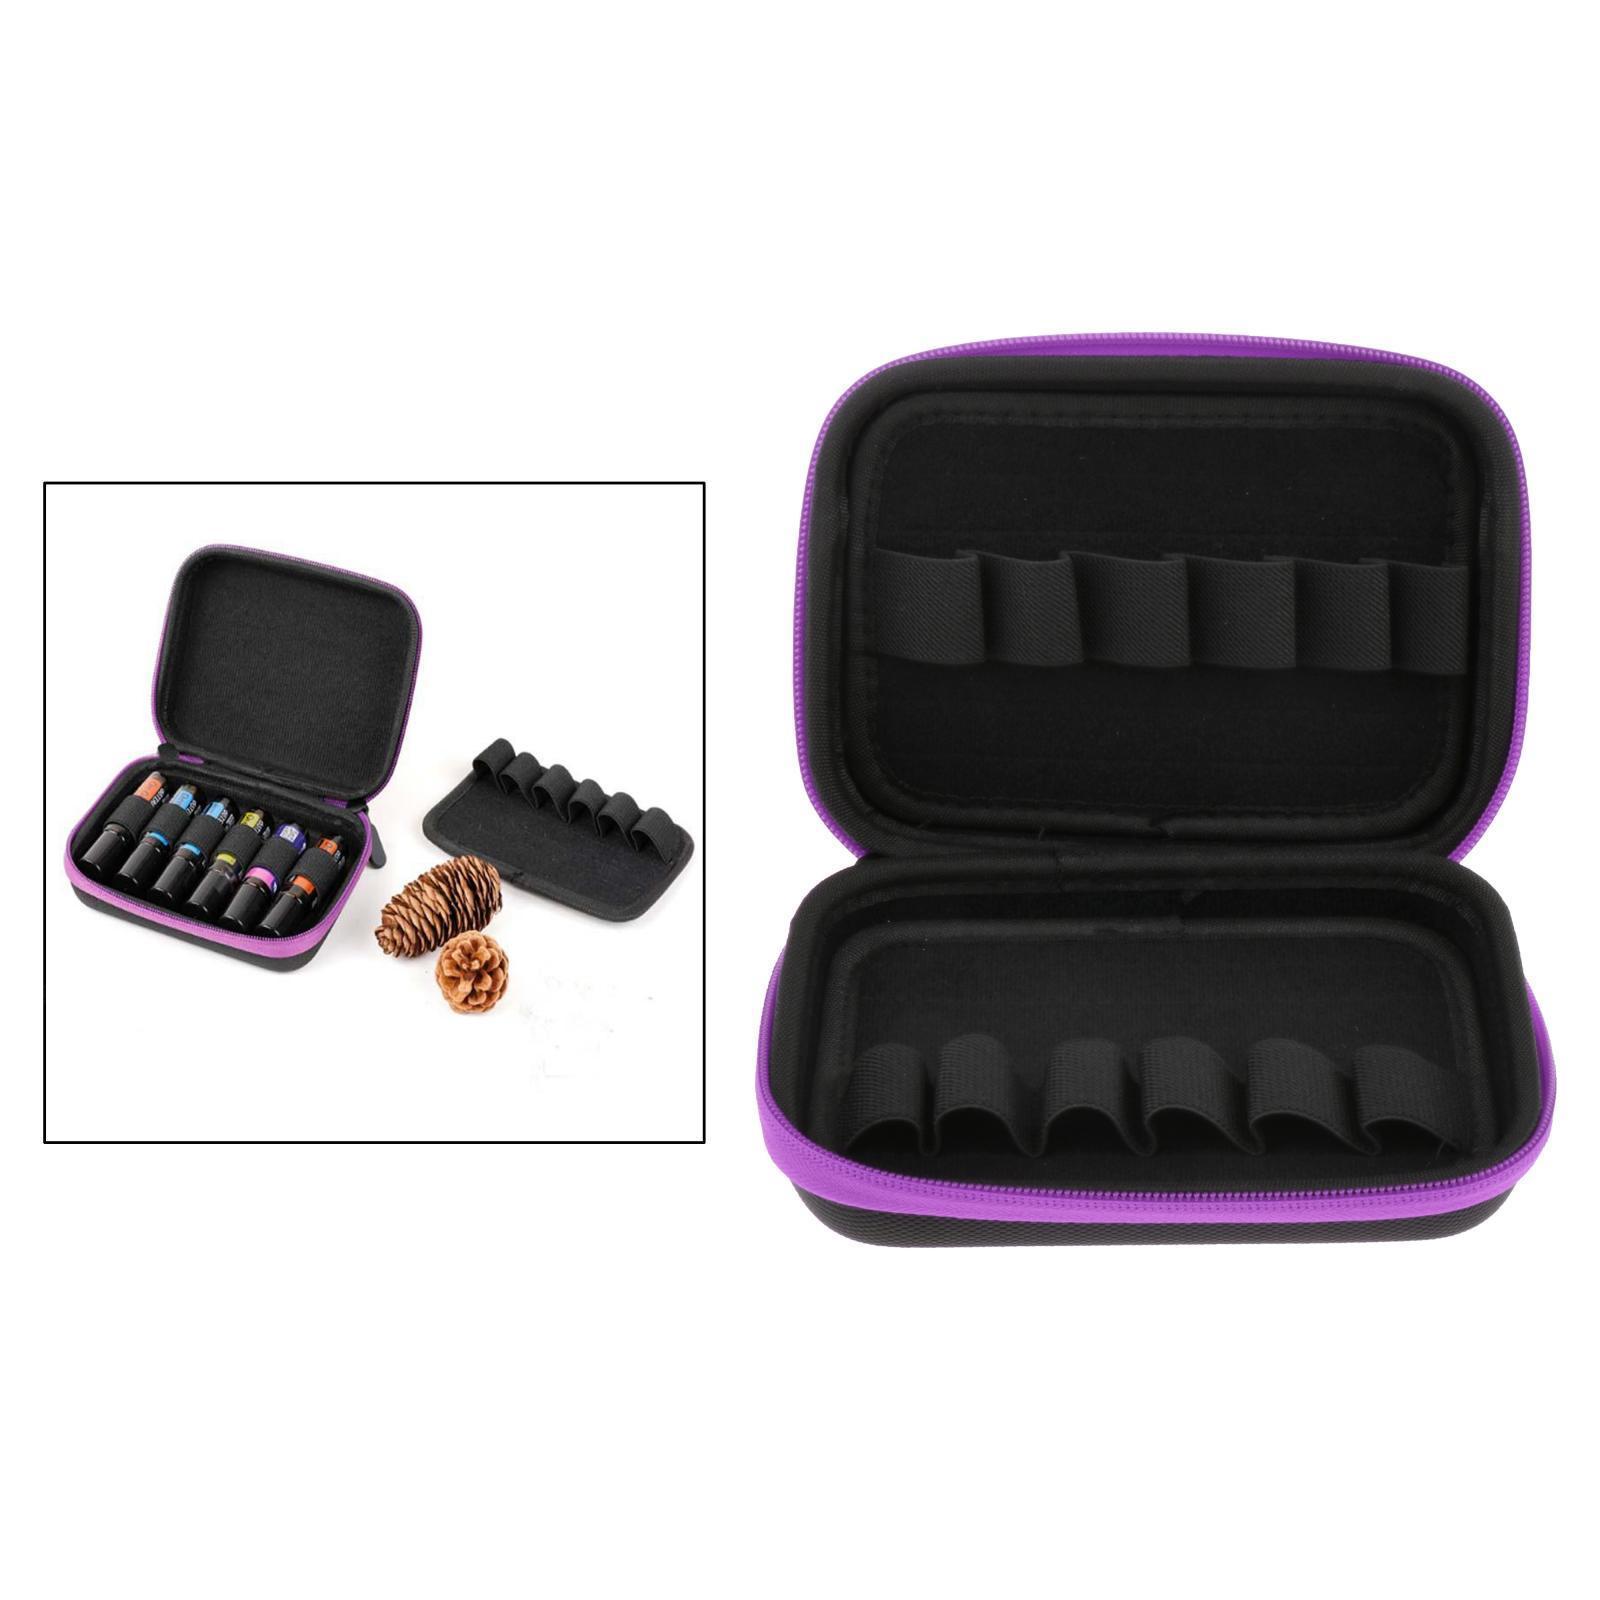 Sacchetto-di-olio-essenziale-custodia-da-viaggio-per-aromaterapia-da-10ml-per-12 miniatura 40